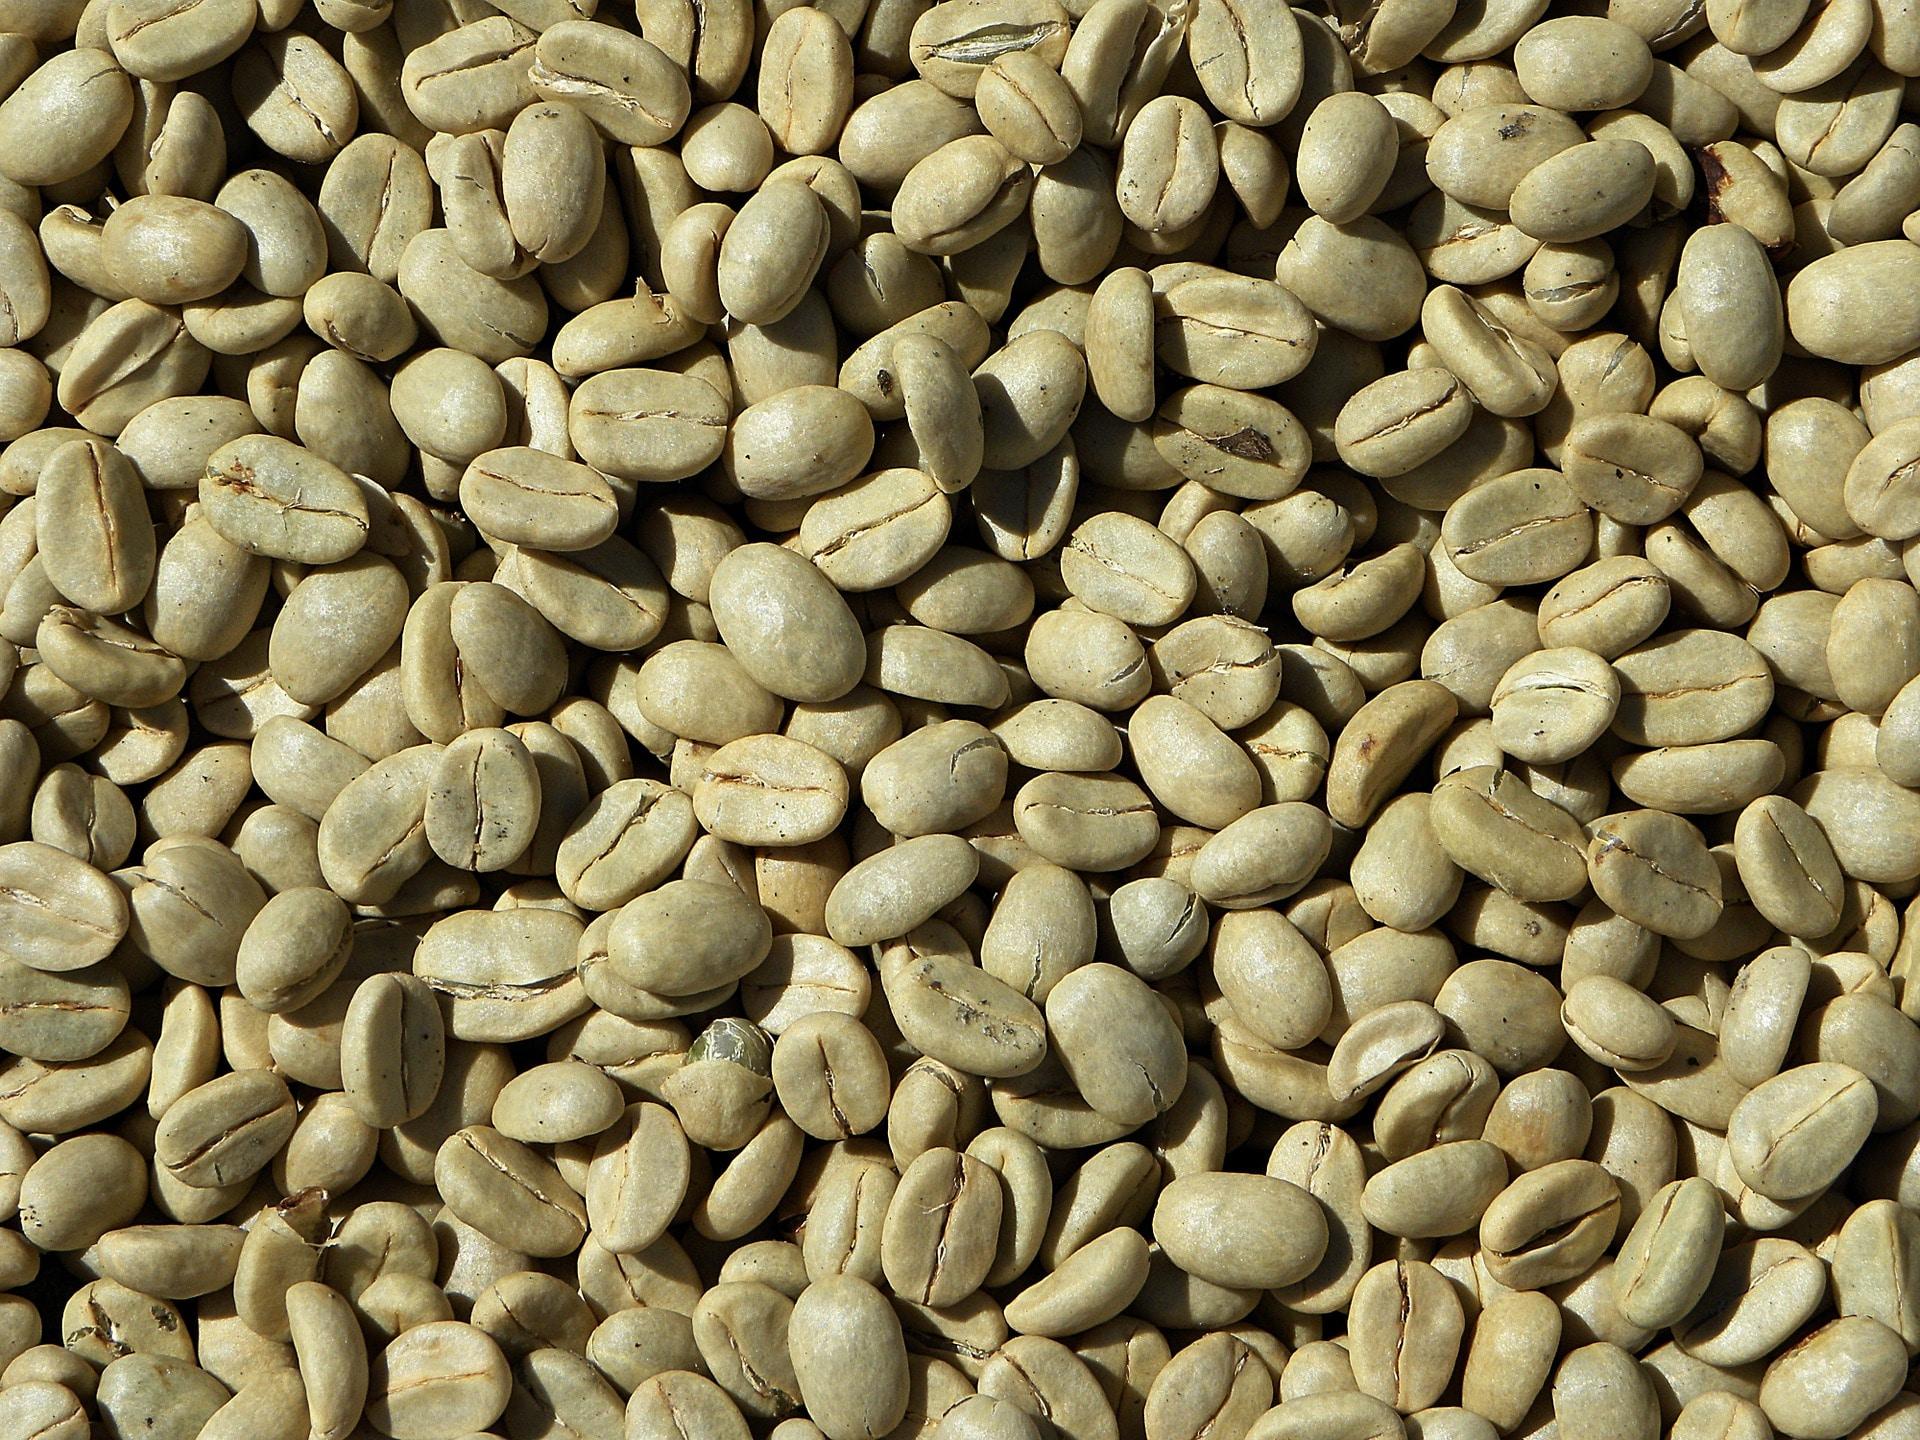 Zrna zelené kávy jsou opravdu velmi tvrdá / zdroj: pixabay.com